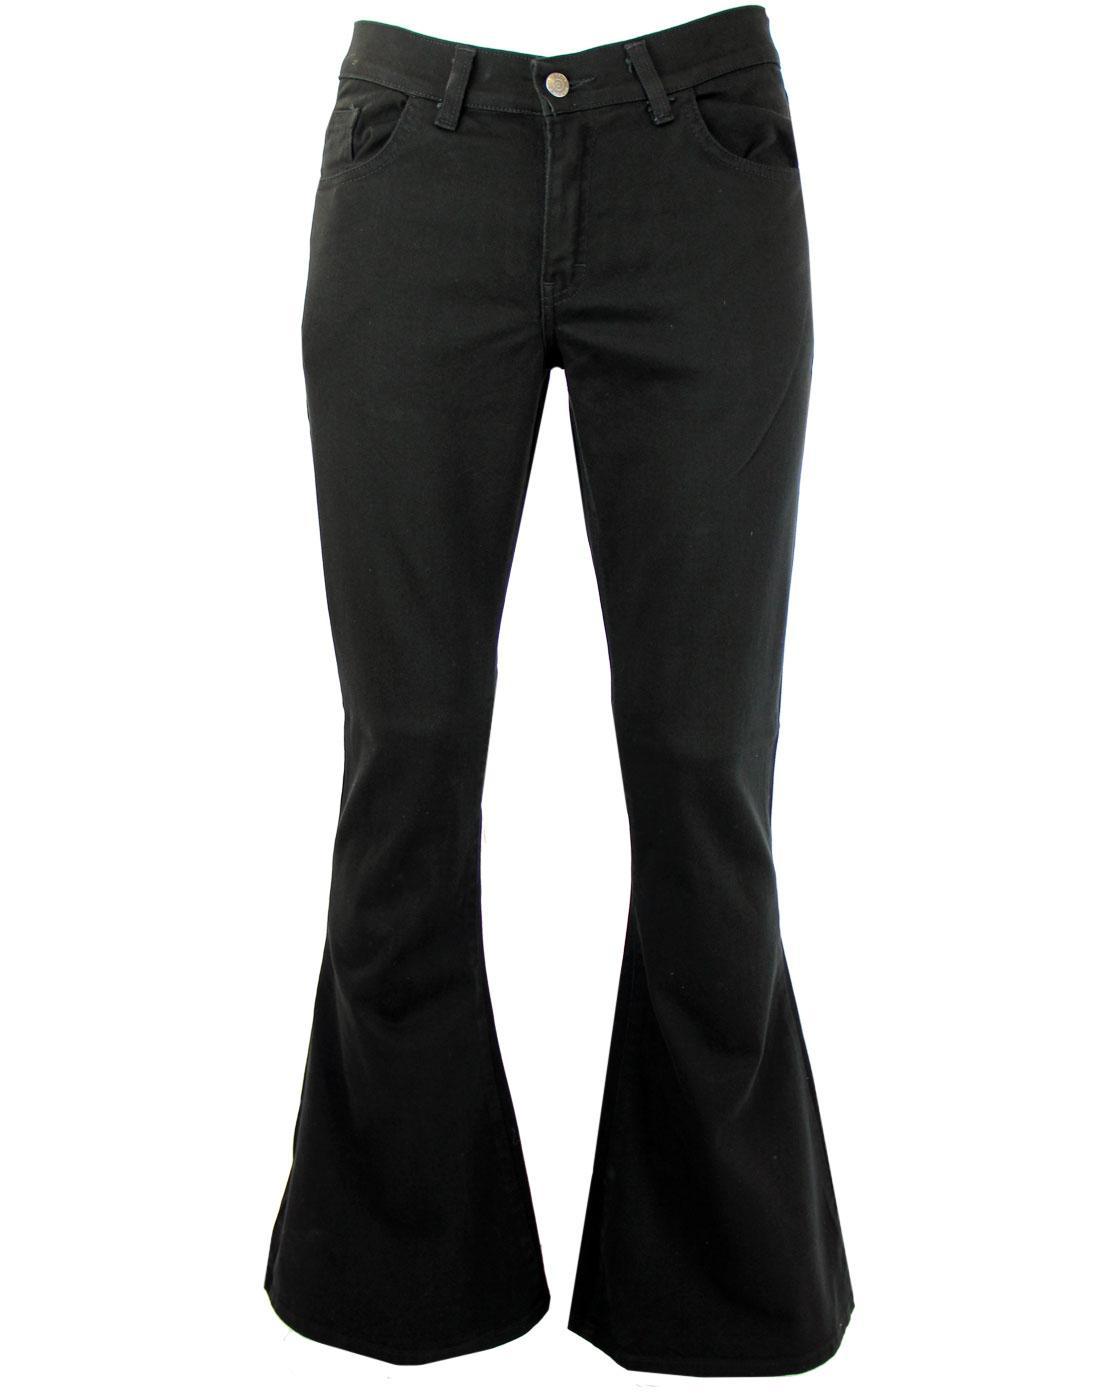 Mens Flares Bellbottoms Flared Jeans Madcap England Flares